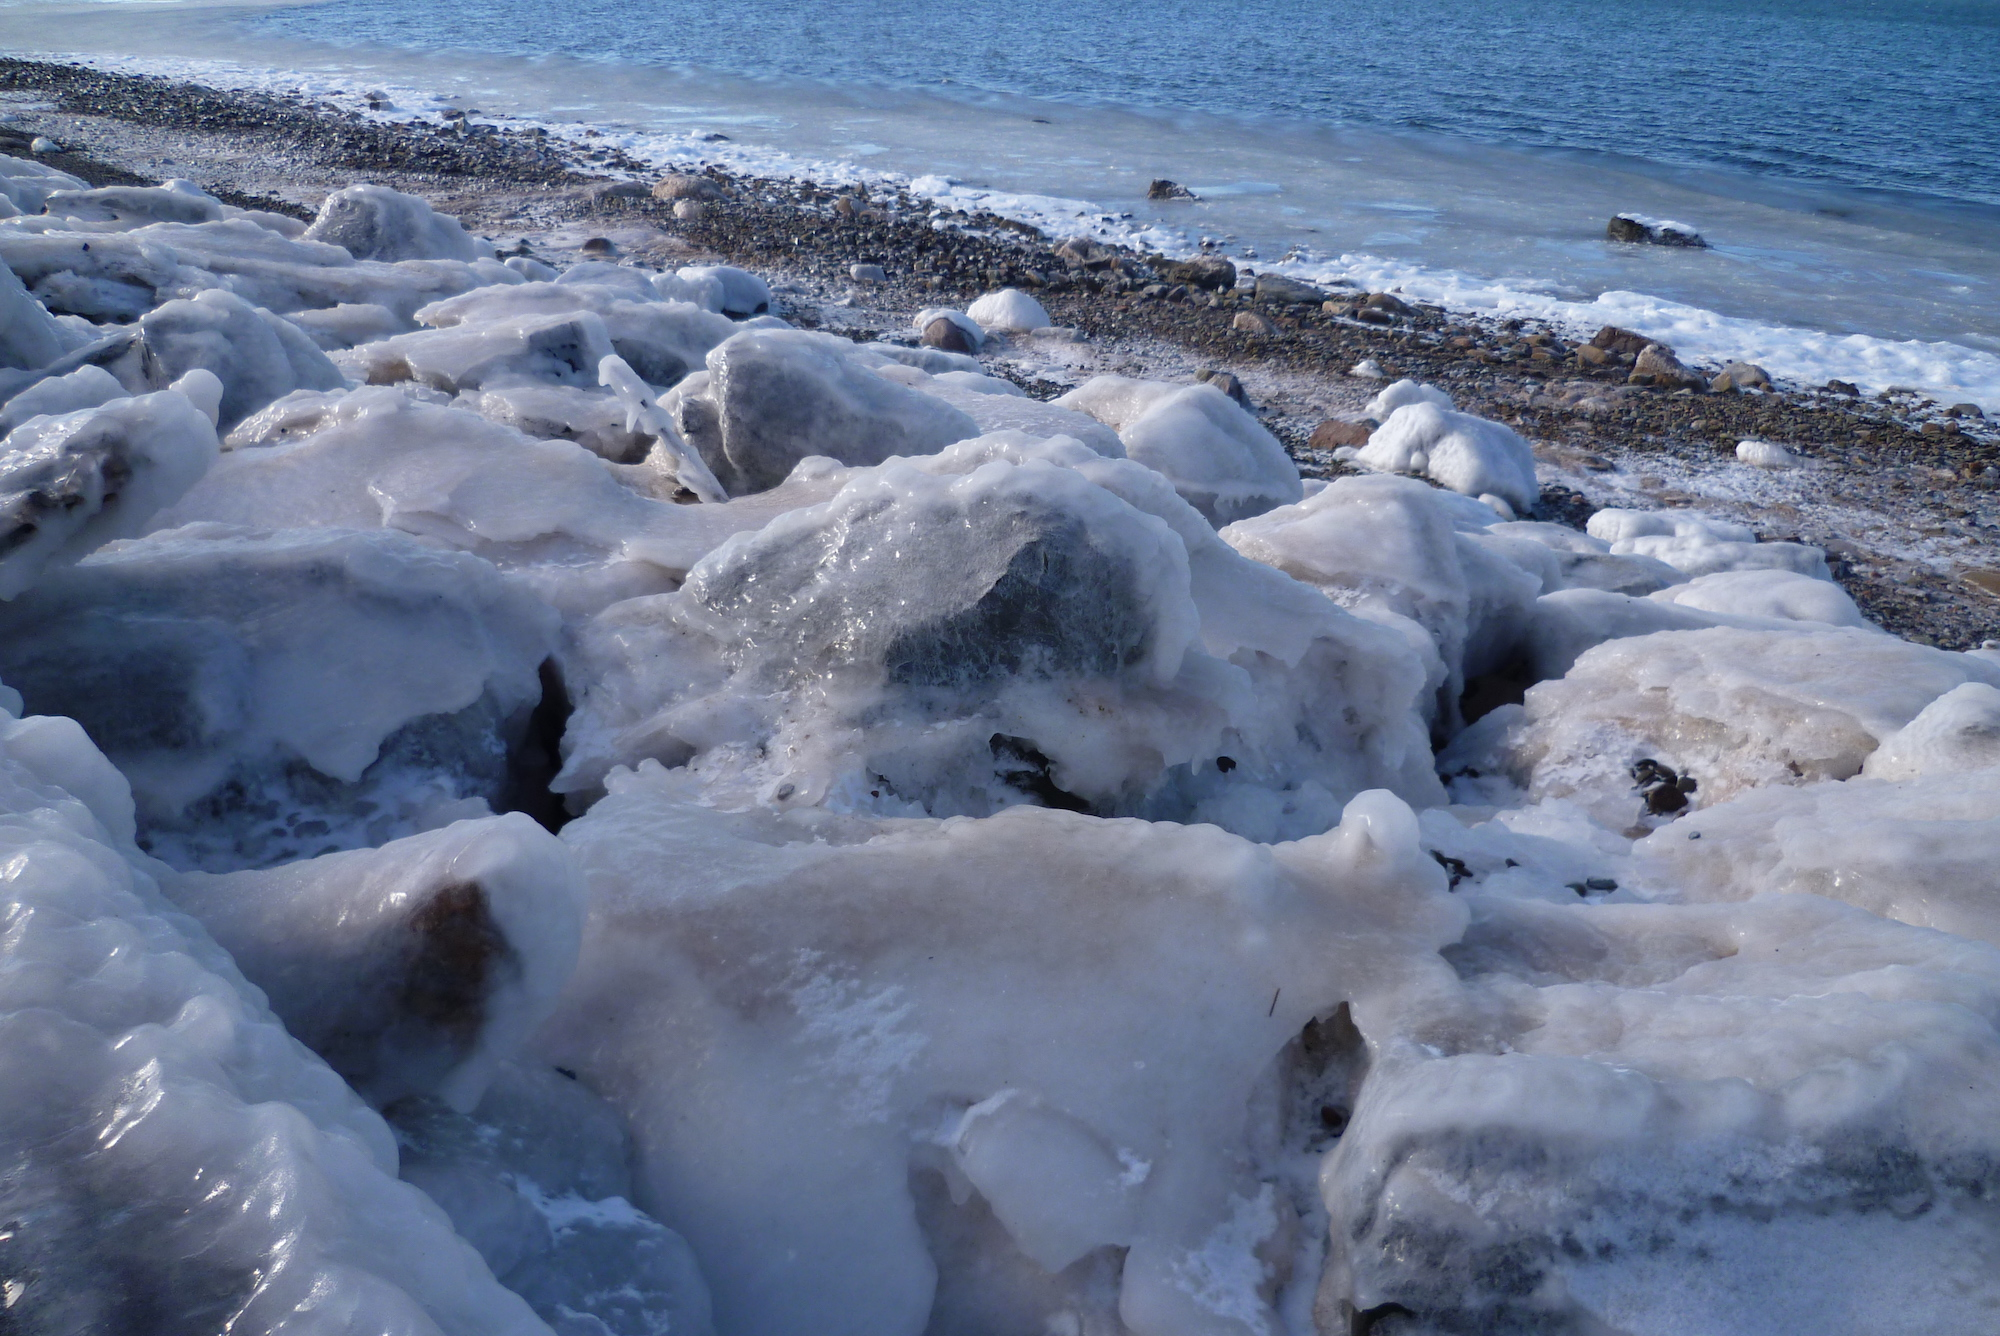 Hiver au Canada - Plage d'Inverness - Cap Breton, Nouvelle-Ecosse 5